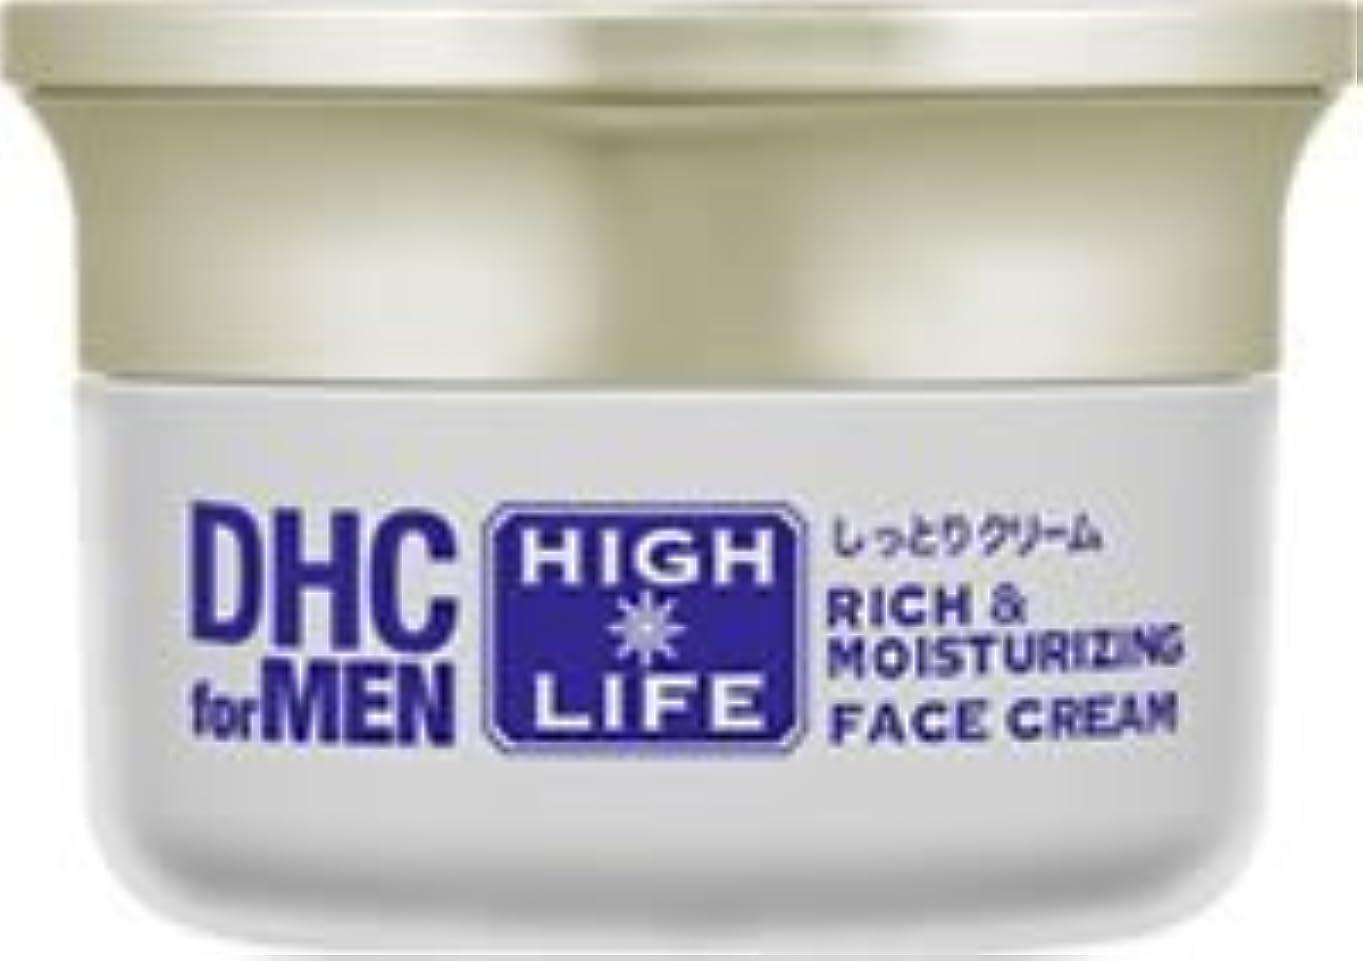 弱点防衛つぼみDHCリッチ&モイスチュア フェースクリーム【DHC for MEN ハイライフ】